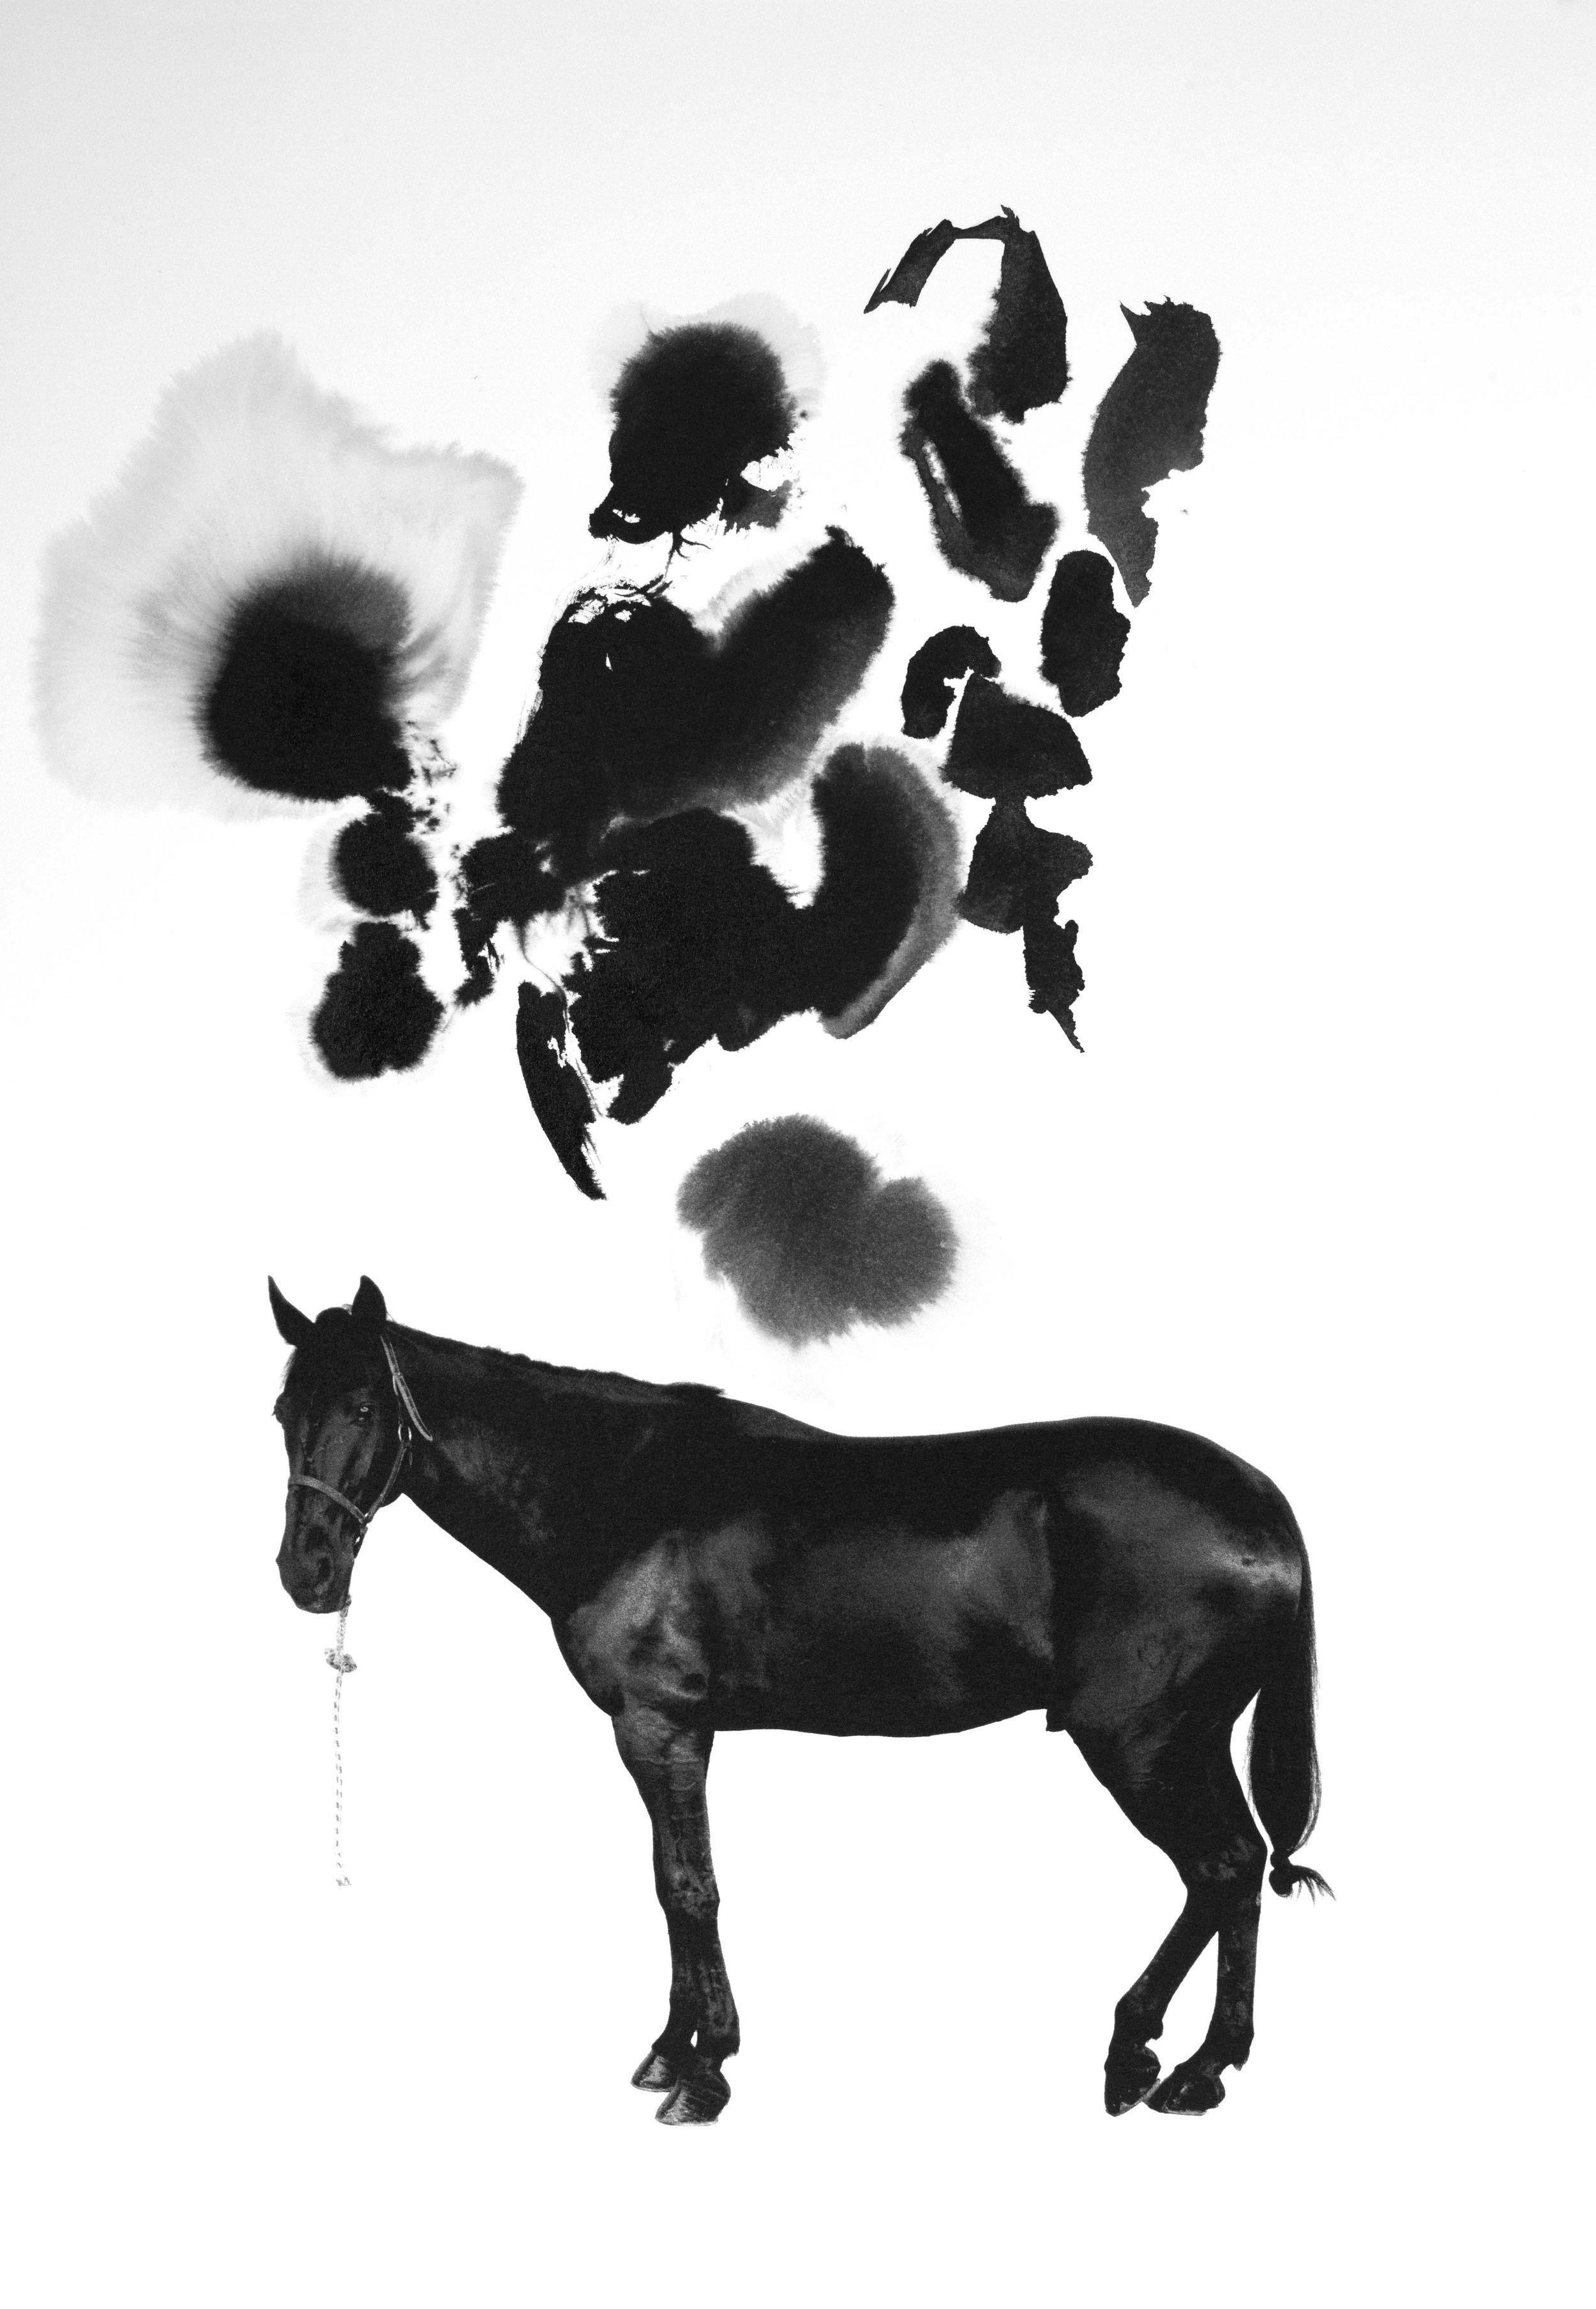 Noir 14